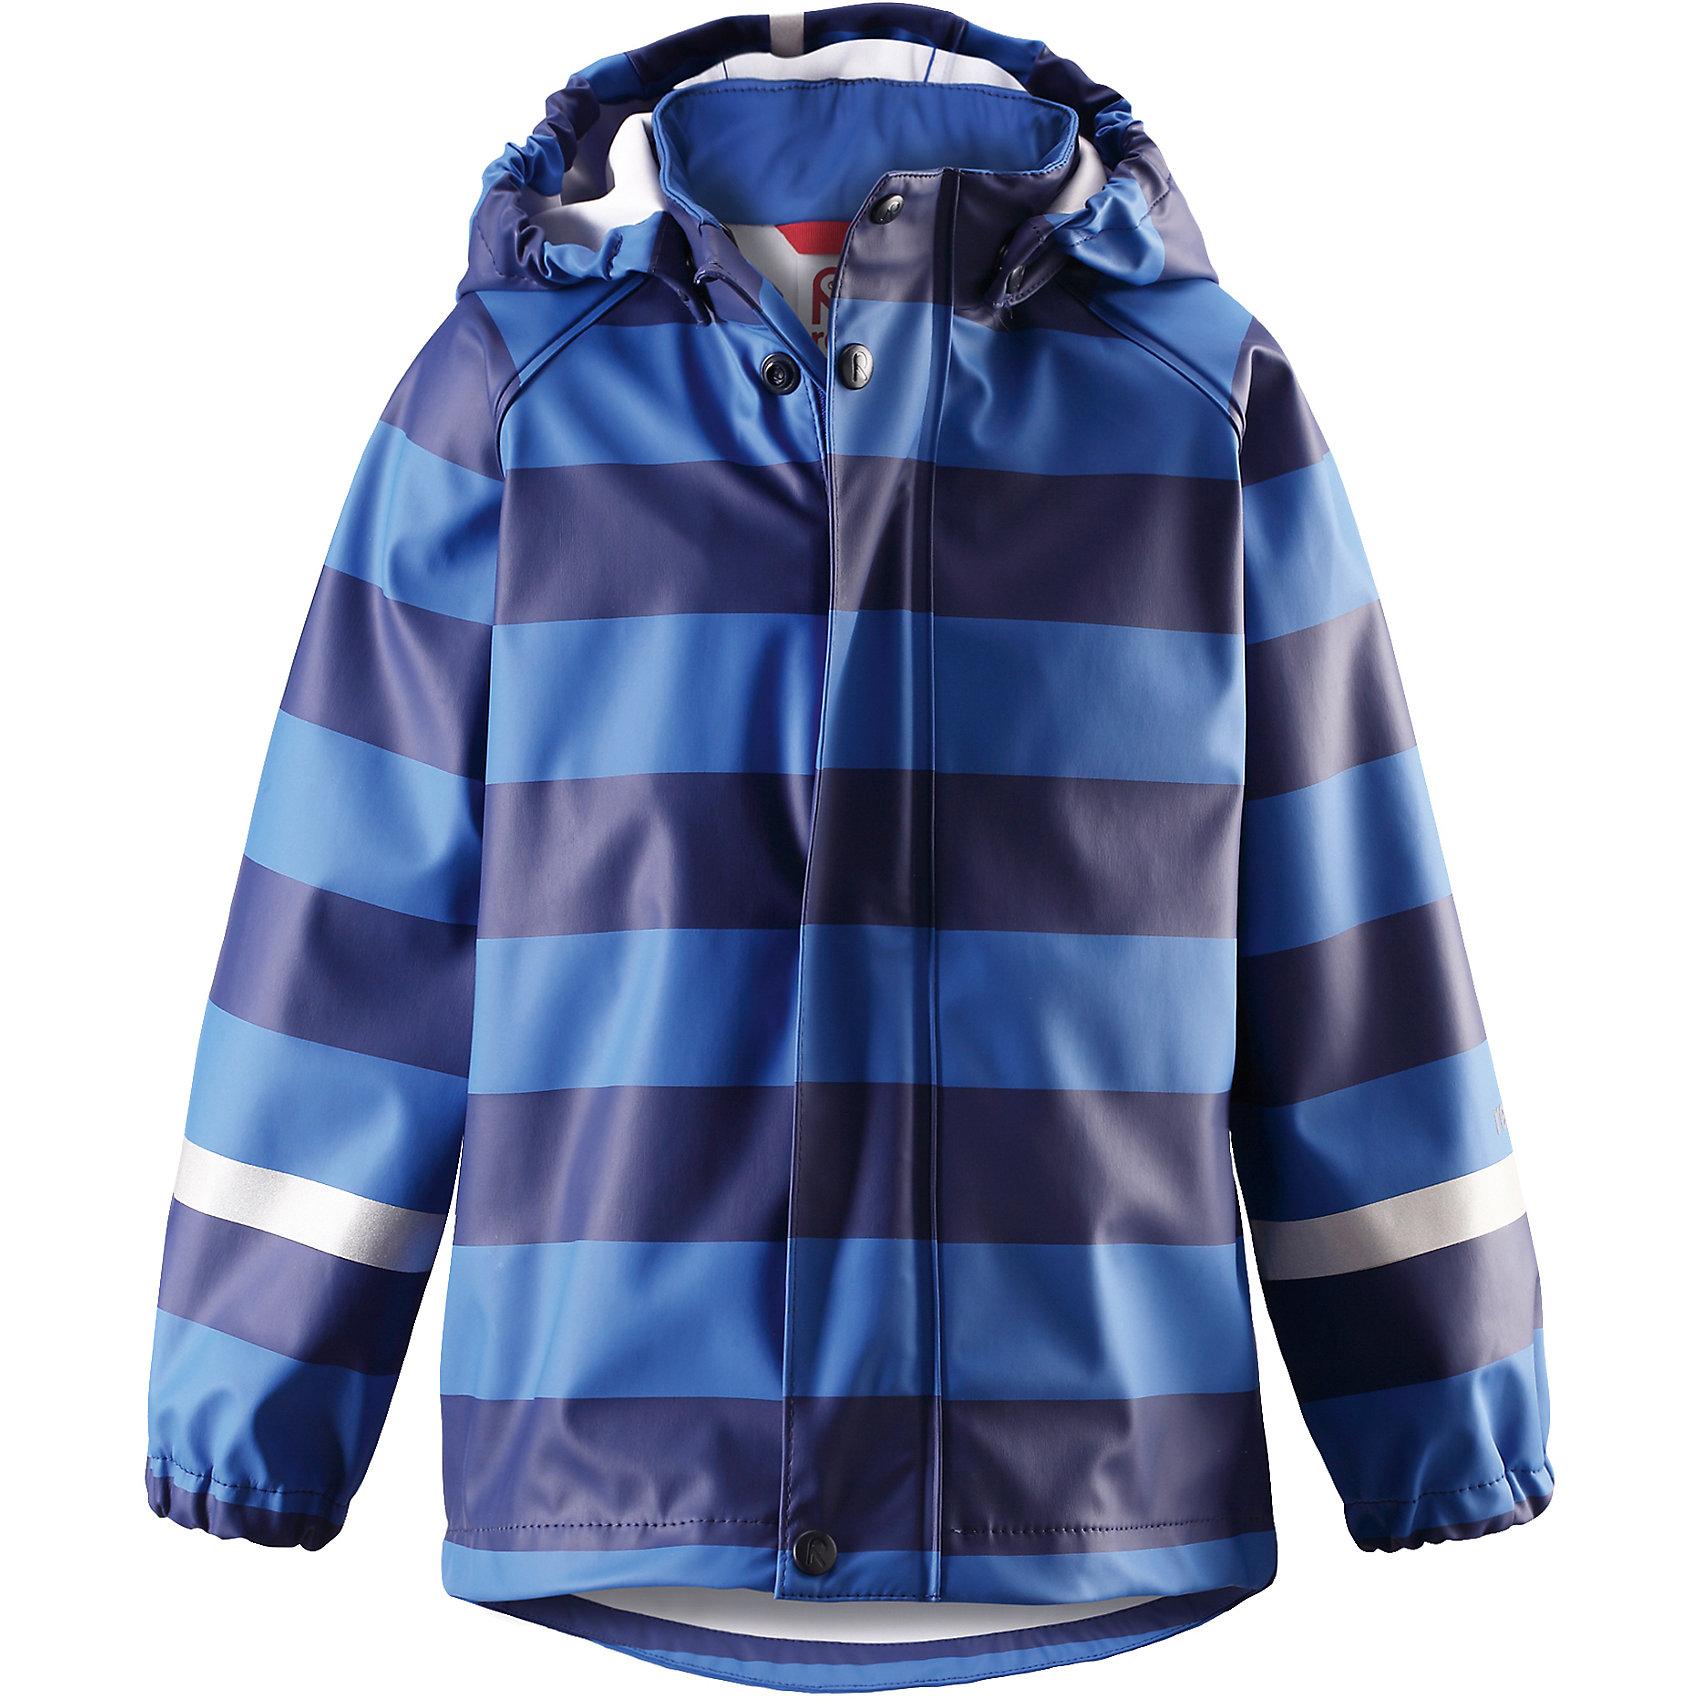 Плащ-дождевик Reima VesiОдежда<br>Детская куртка-дождевик изготовлена из удобного, эластичного материала, не содержащего ПВХ. Швы запаяны и абсолютно водонепроницаемы. Куртка-дождевик не деревенеет на морозе, поэтому ее можно носить круглый год – просто добавьте в холодную погоду теплый промежуточный слой. Съемный капюшон защитит даже от ливня, при этом он безопасен во время прогулок в дождливый день. Молния спереди во всю длину и множество светоотражающих деталей. Сочетайте куртку с брюками для дождя Reima® и вы заметите – в дождь играть еще веселее!<br>Состав:<br>100% Полиэстер<br><br>Ширина мм: 356<br>Глубина мм: 10<br>Высота мм: 245<br>Вес г: 519<br>Цвет: синий<br>Возраст от месяцев: 108<br>Возраст до месяцев: 120<br>Пол: Унисекс<br>Возраст: Детский<br>Размер: 140,86,92,98,104,110,116,122,128,134<br>SKU: 6901490